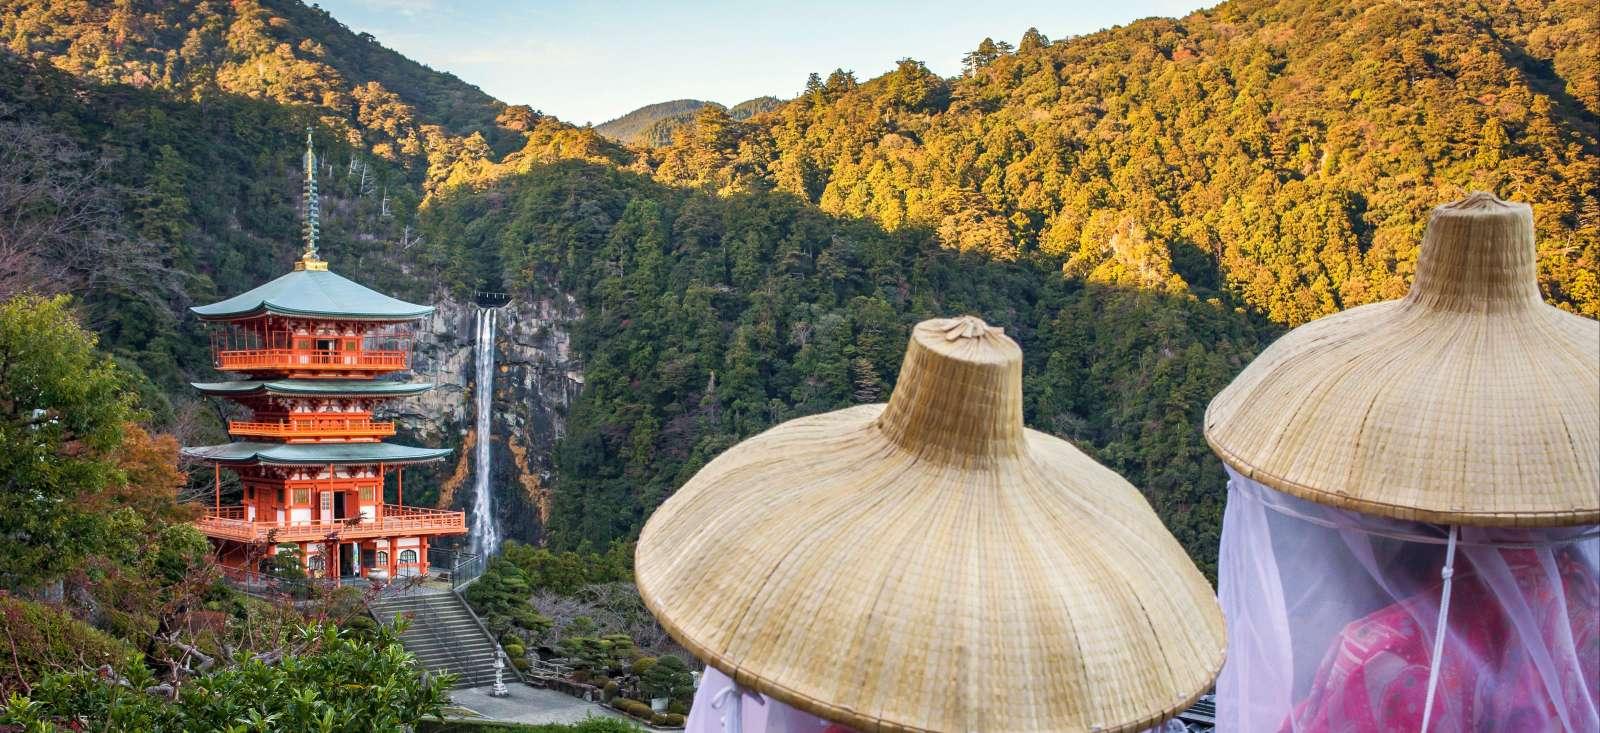 Voyage à pied : Sur les chemins légendaires du Kumano Kodo